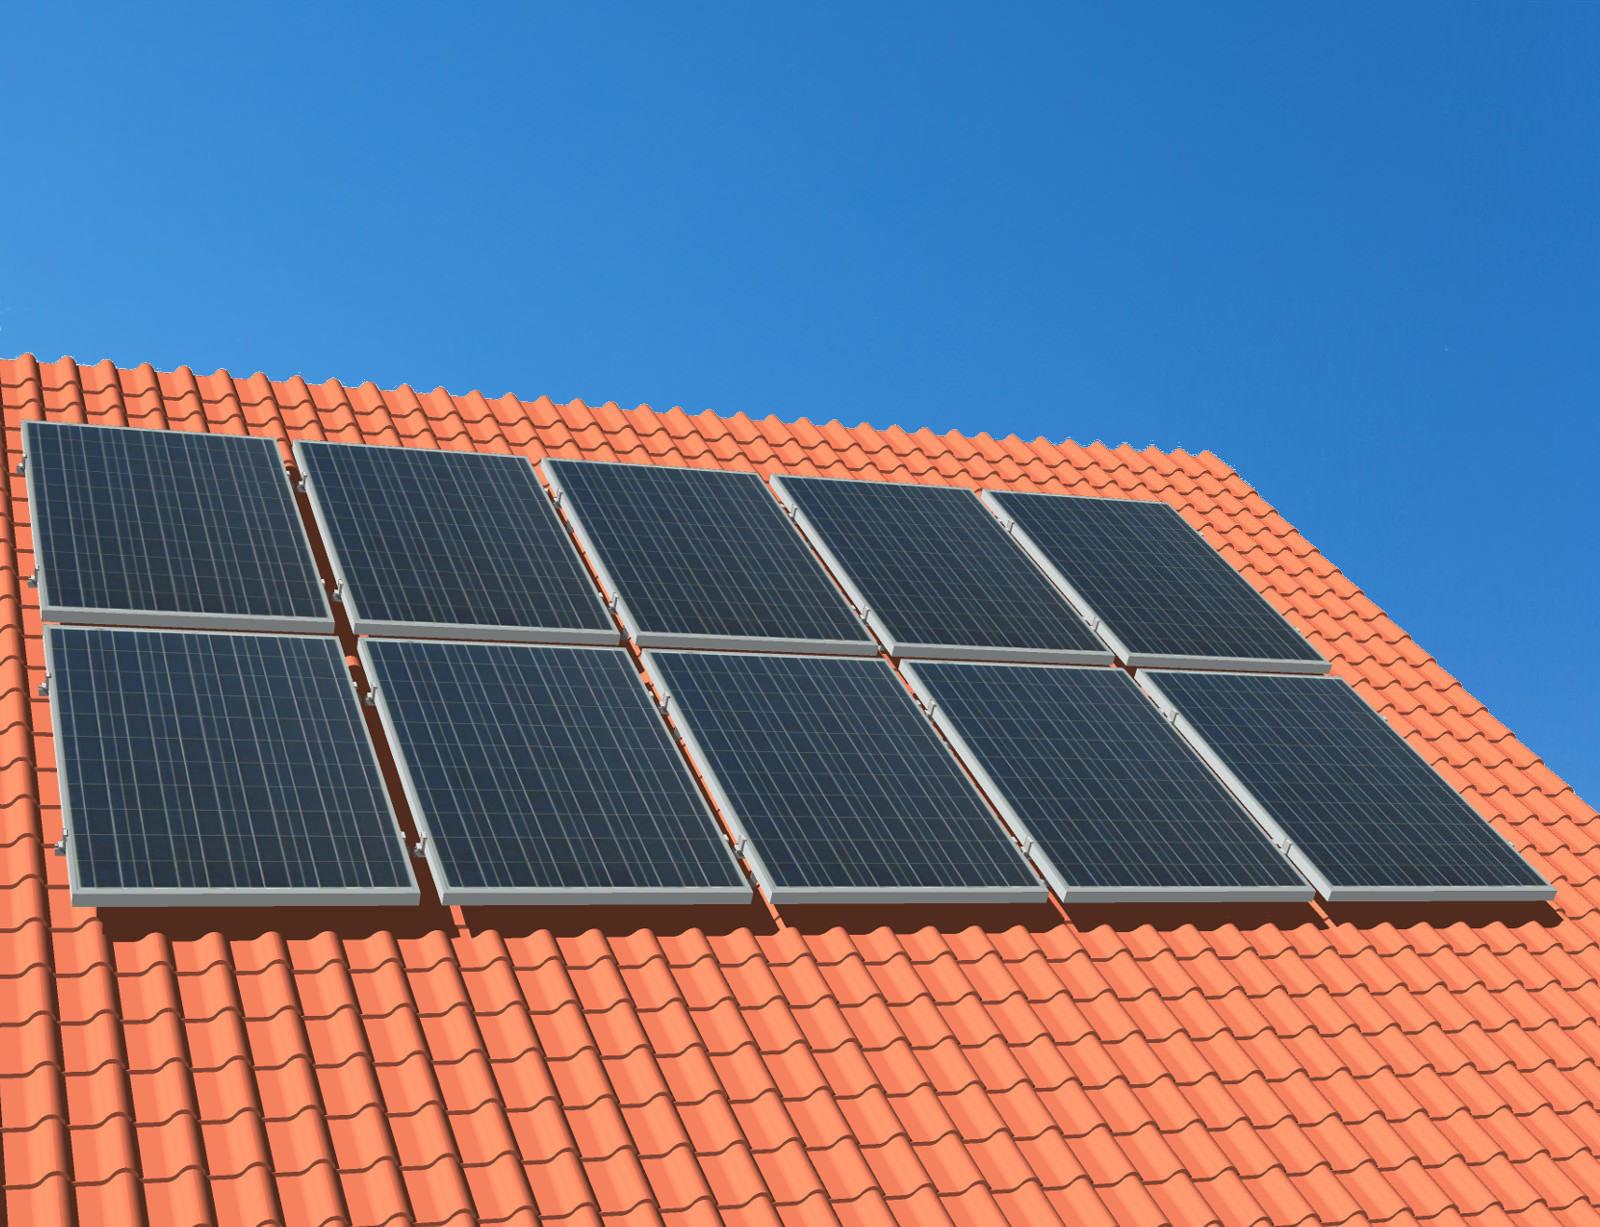 myCleantechSolarPower™ Solaranalage Schrägdach mit 10 Pannels - Musterbild